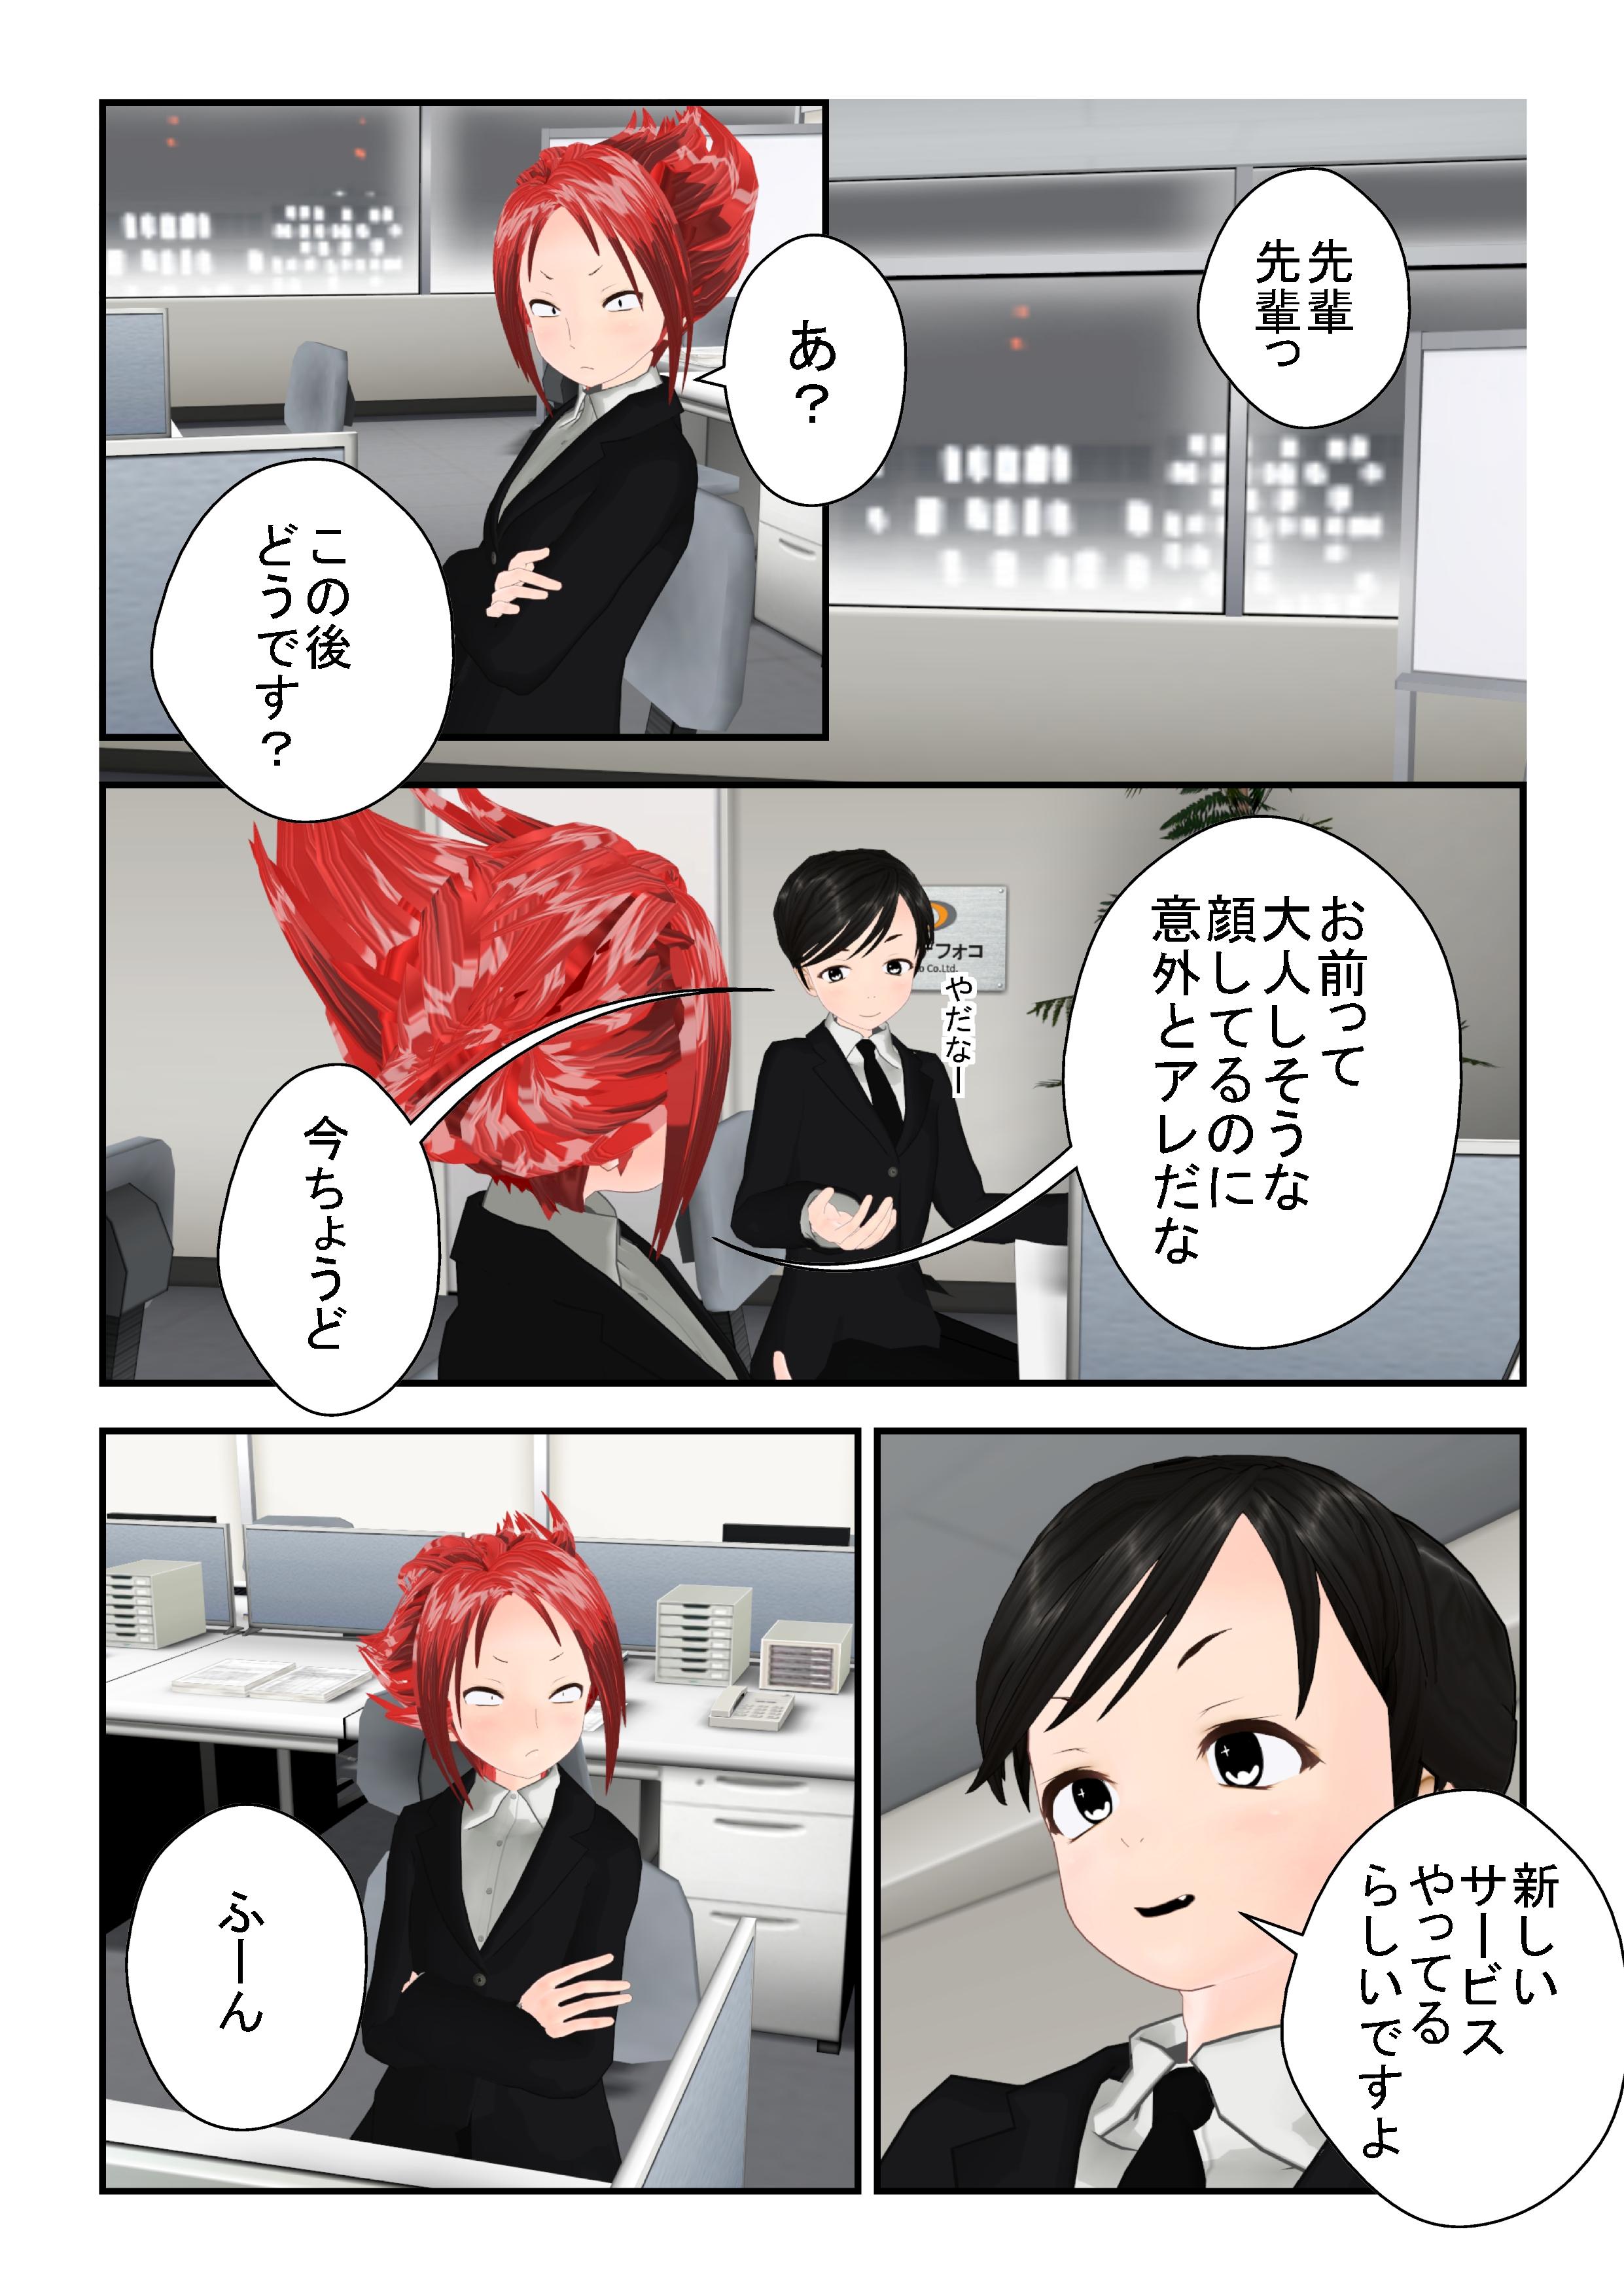 senkou_0001.jpg